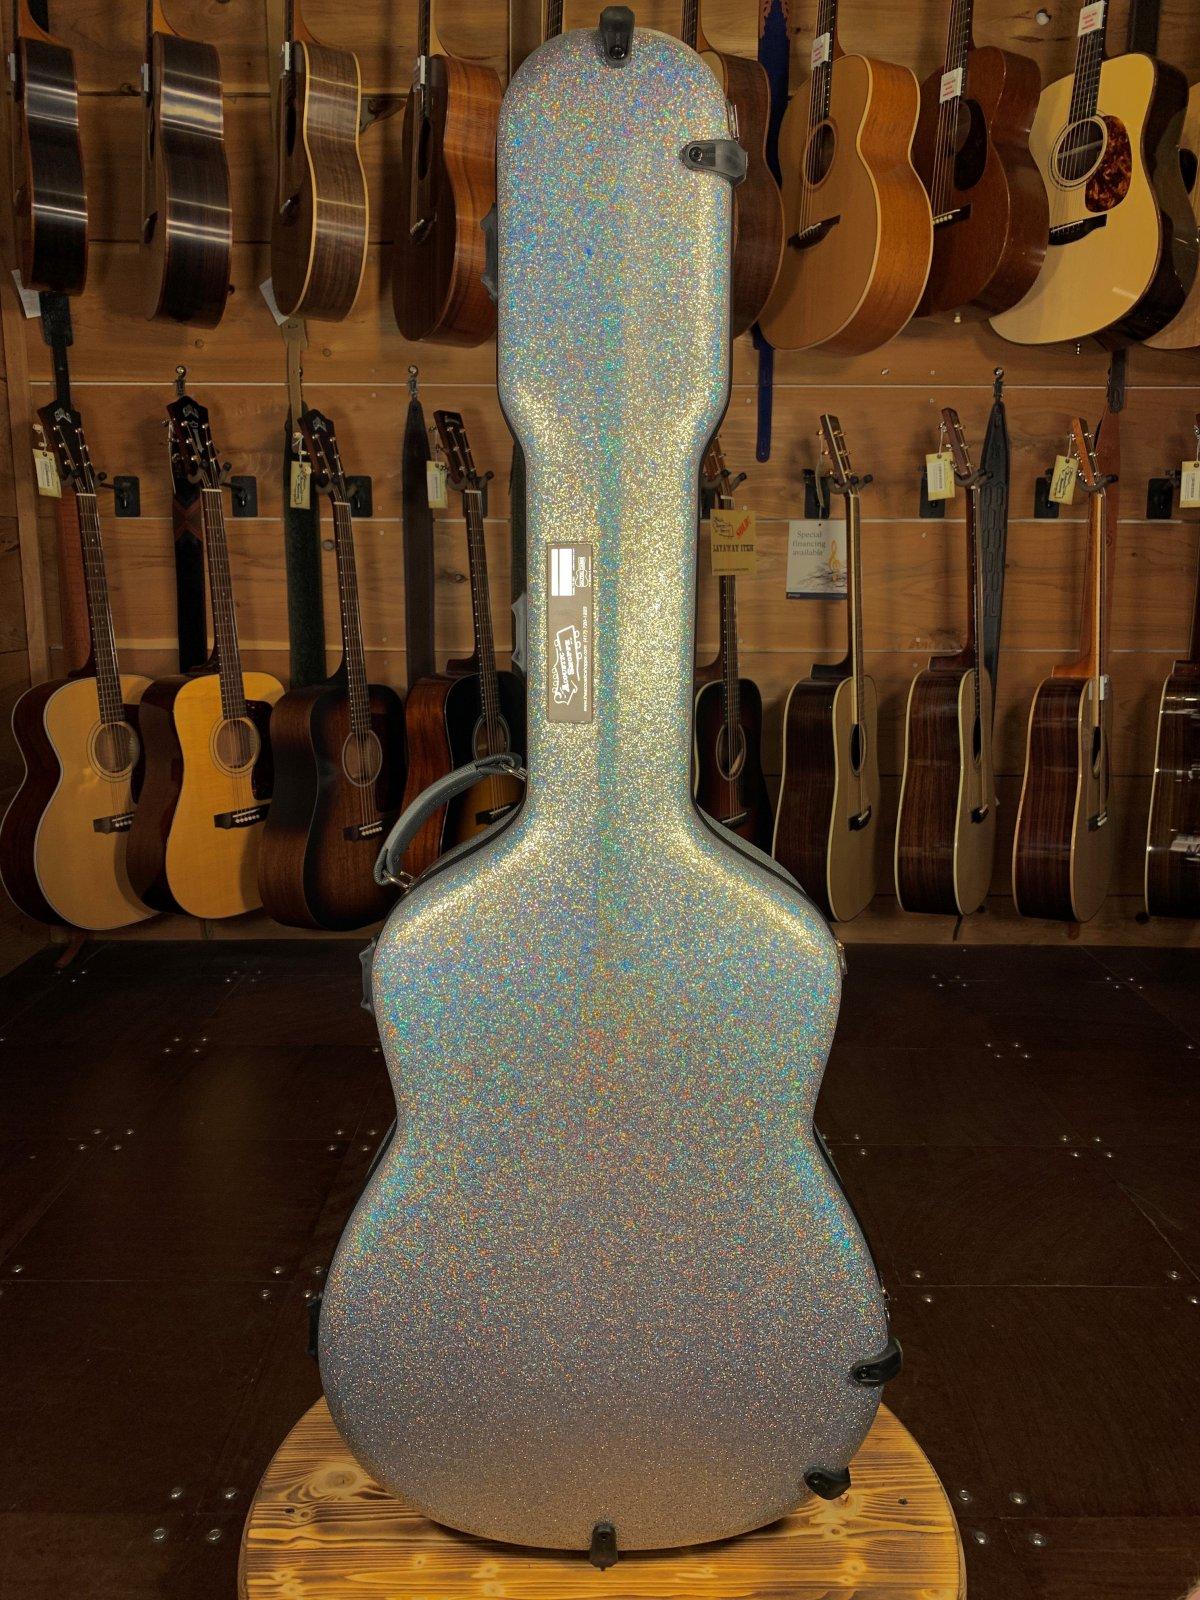 Calton Diamond Glitter Grey Exterior/Burgundy Interior Dreadnought Guitar Case #19-601560